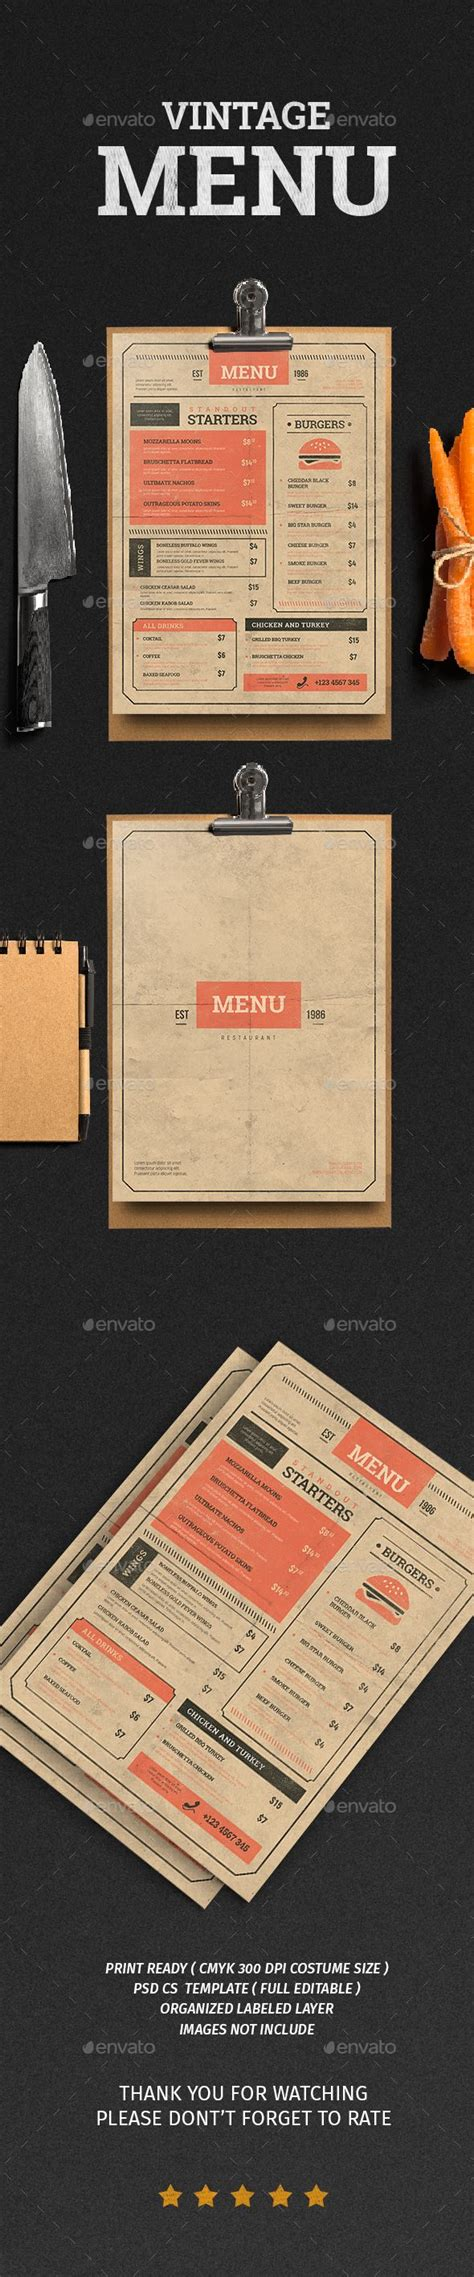 menu card layout ideas 25 best ideas about menu card template on pinterest